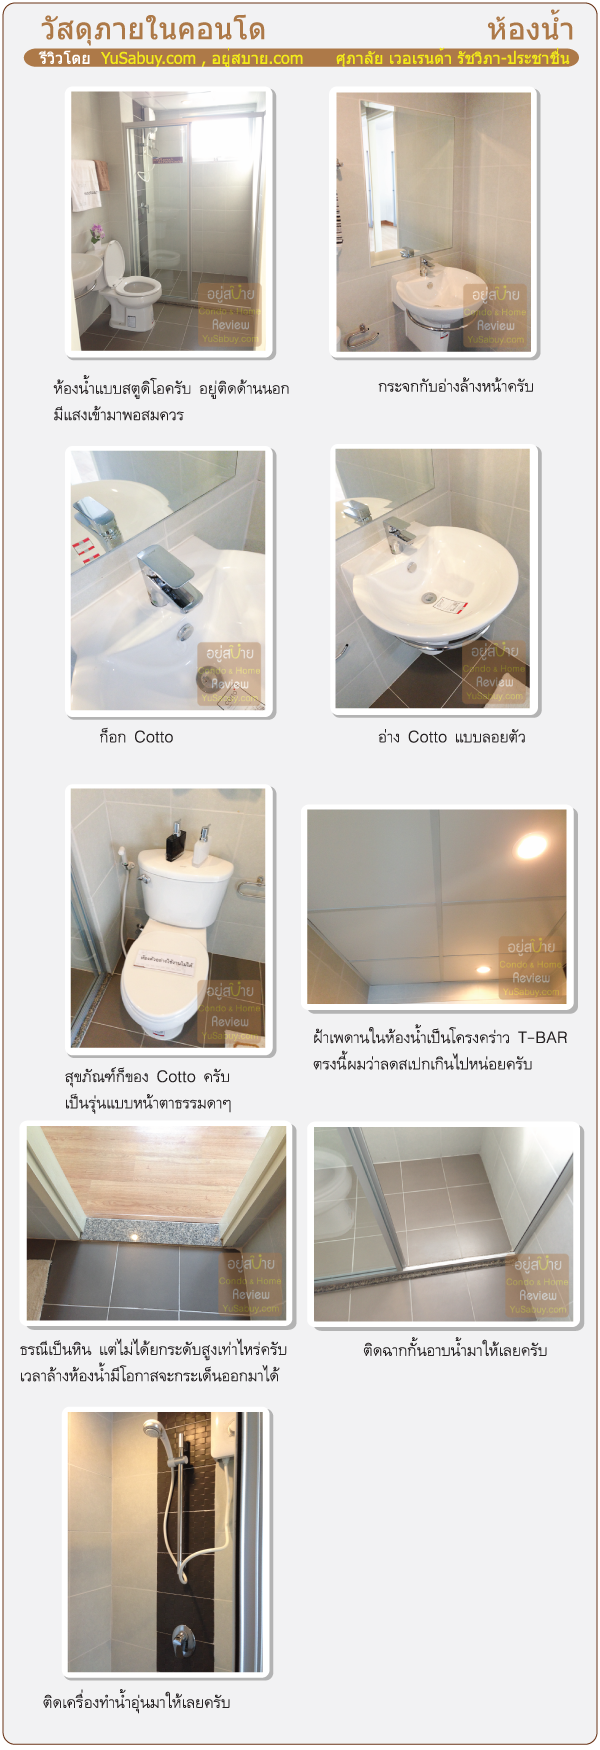 รีวิววัสดุห้องน้ำ คอนโด Supalai Veranda (ศุภาลัย เวอเรนด้า รัชวิภา-ประชาชื่น)